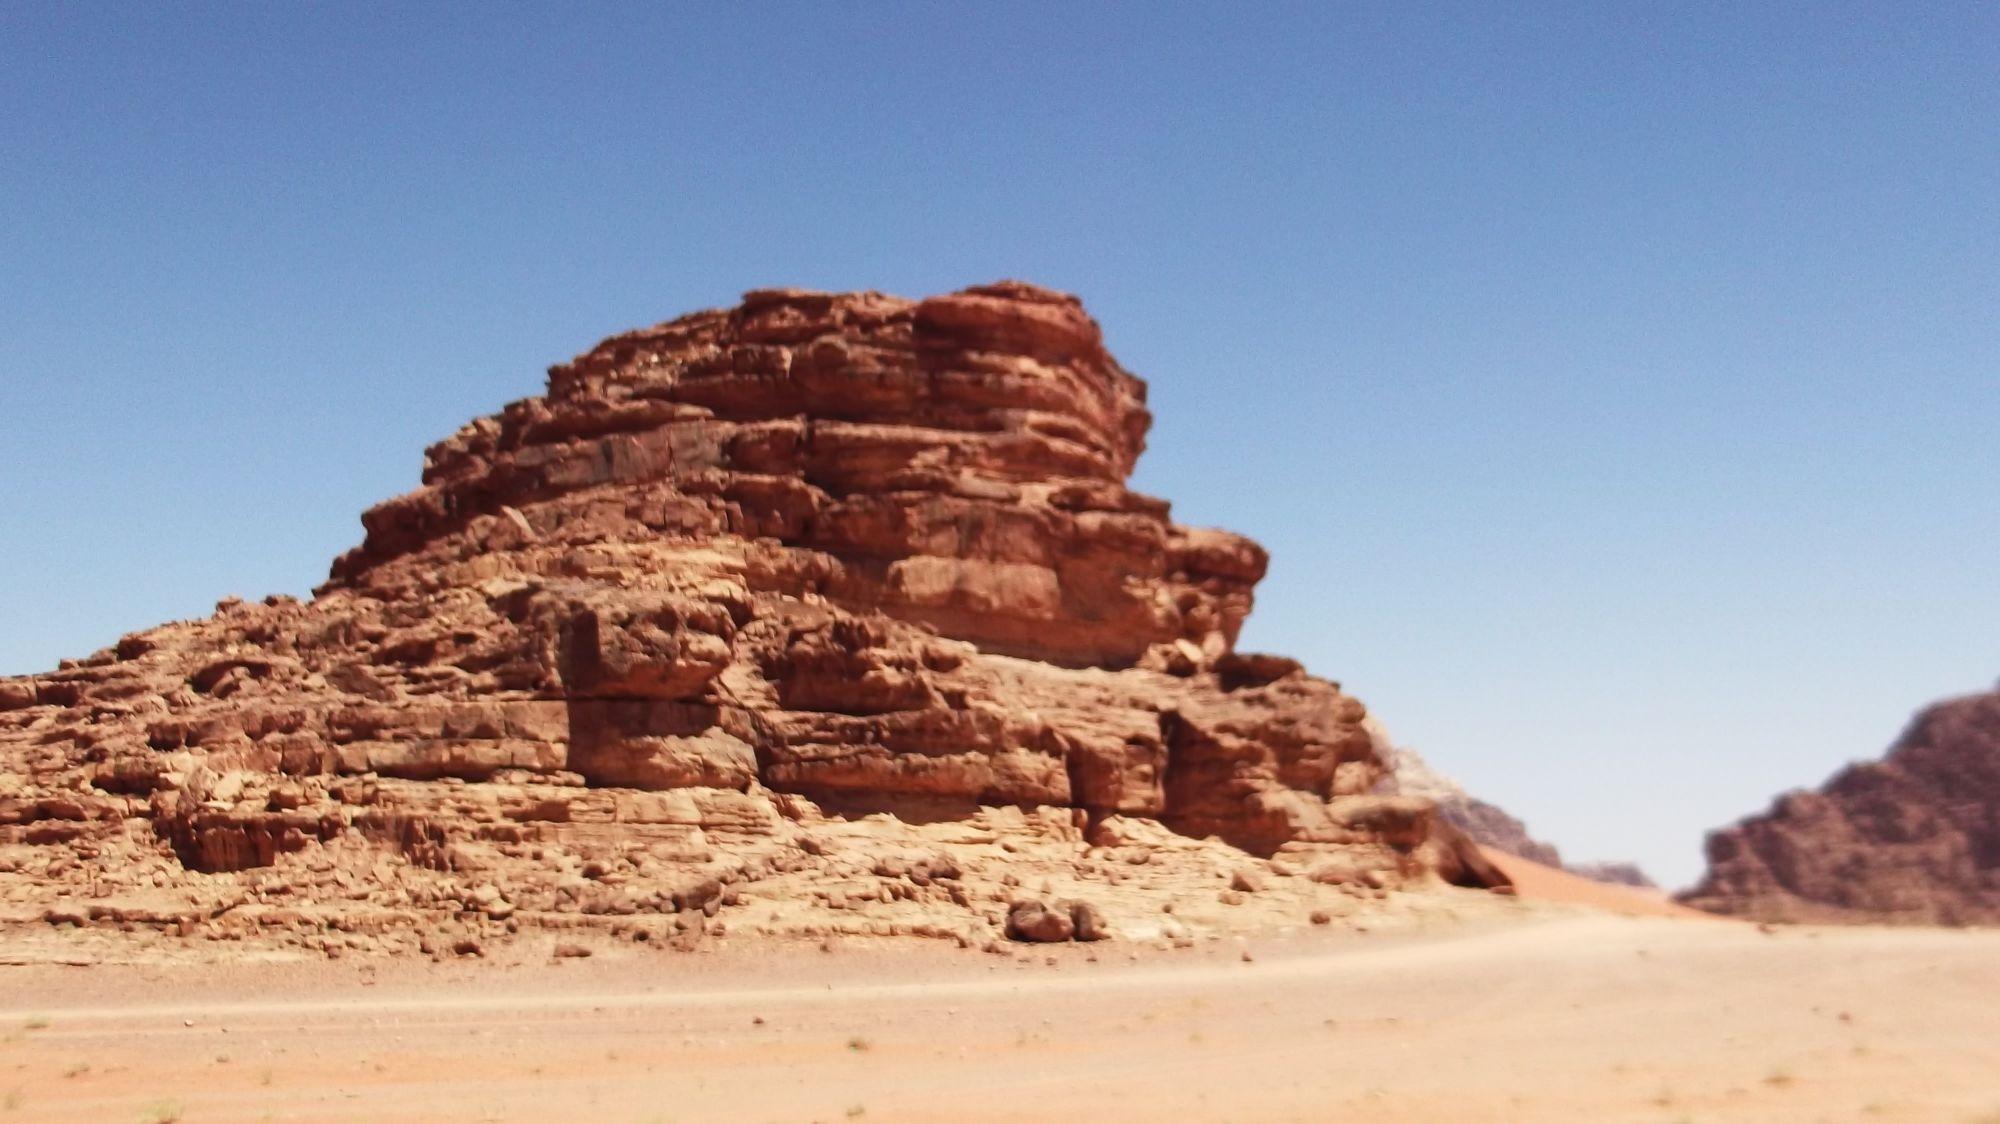 Jordania - Pustynia Wadi Rum część 1 - zdjęcia, atrakcje